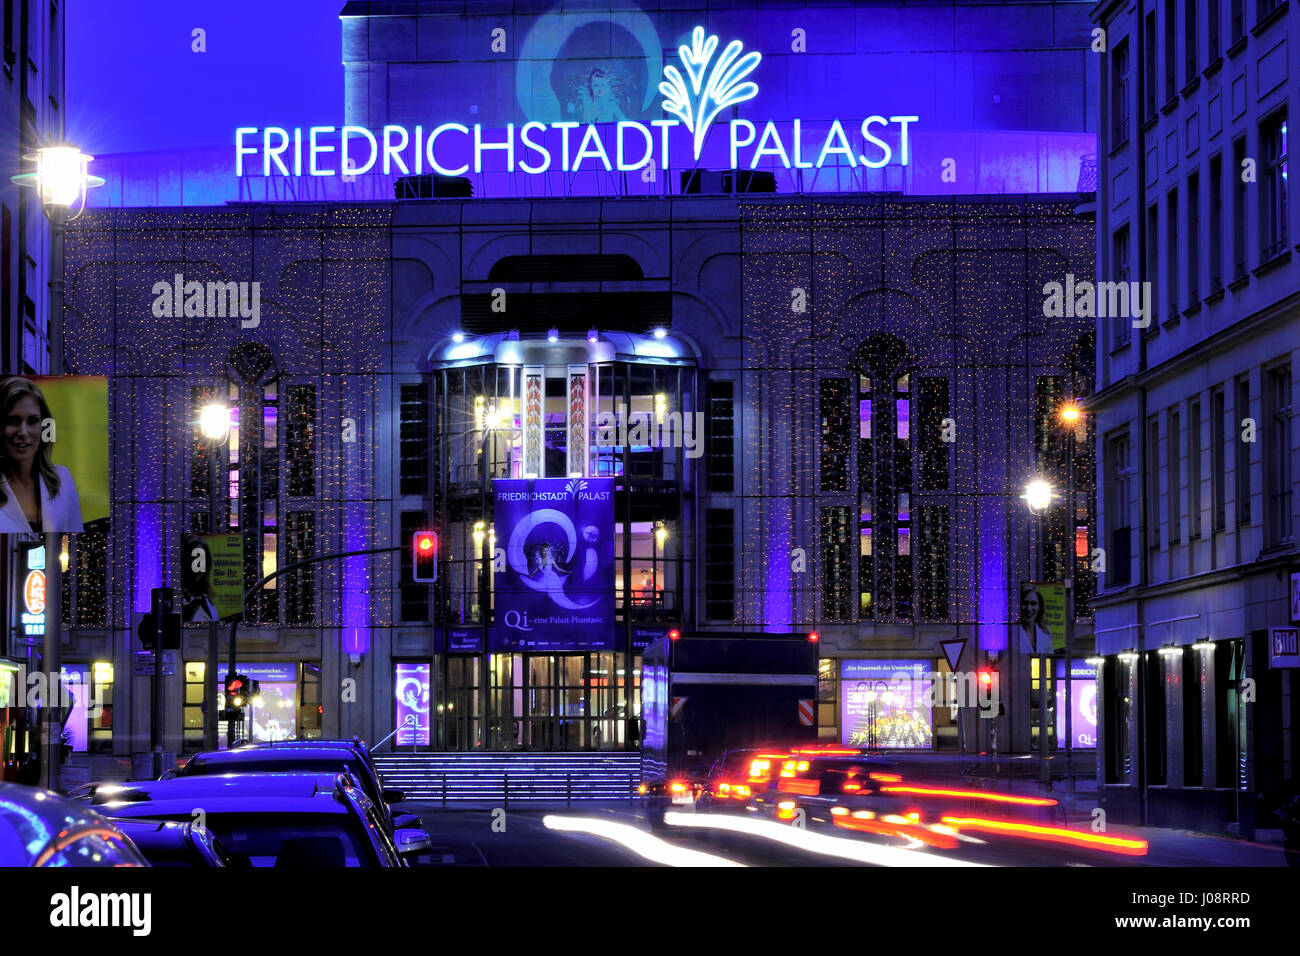 Architektur, Berlin, Farbbild, Farbbilder, Farbbild, Farbbilder, Deutschland, Europa, Abend, Friedrichstadtpalast, Stockbild